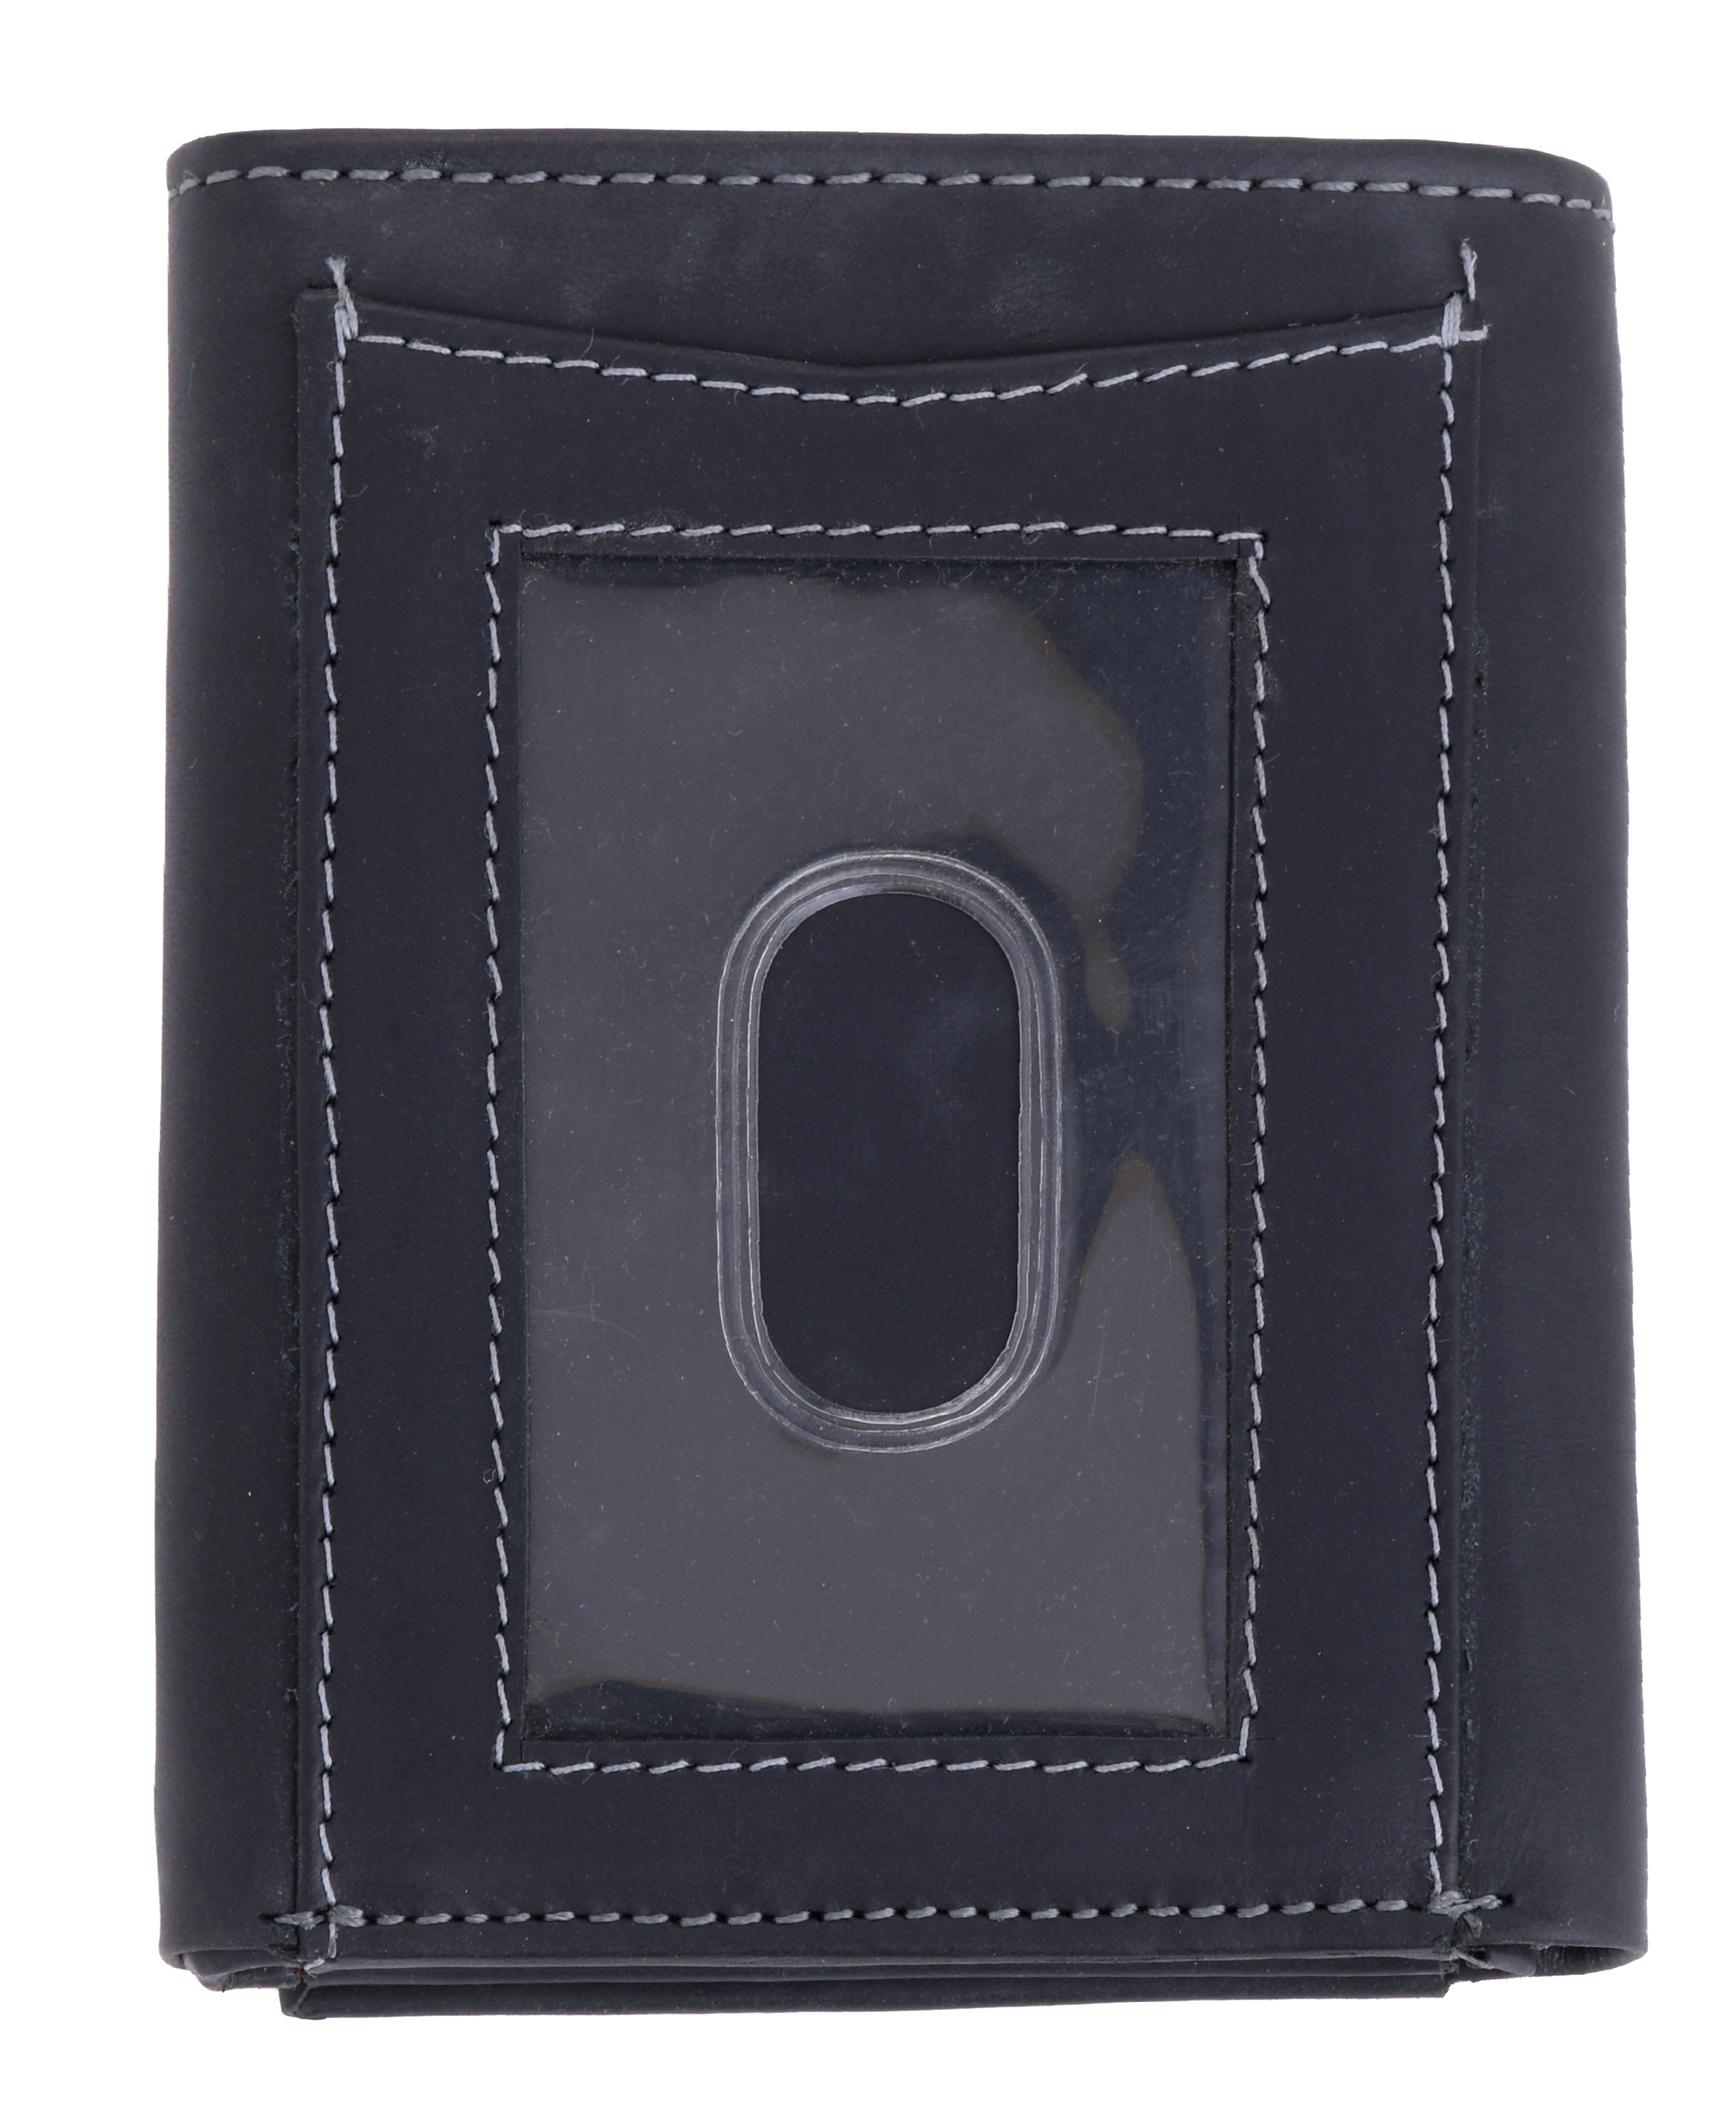 Homme-effet-vieilli-Cuir-Veritable-Trifold-Wallet-Purse-RFID-Bloquant-Marron-Noir miniature 4